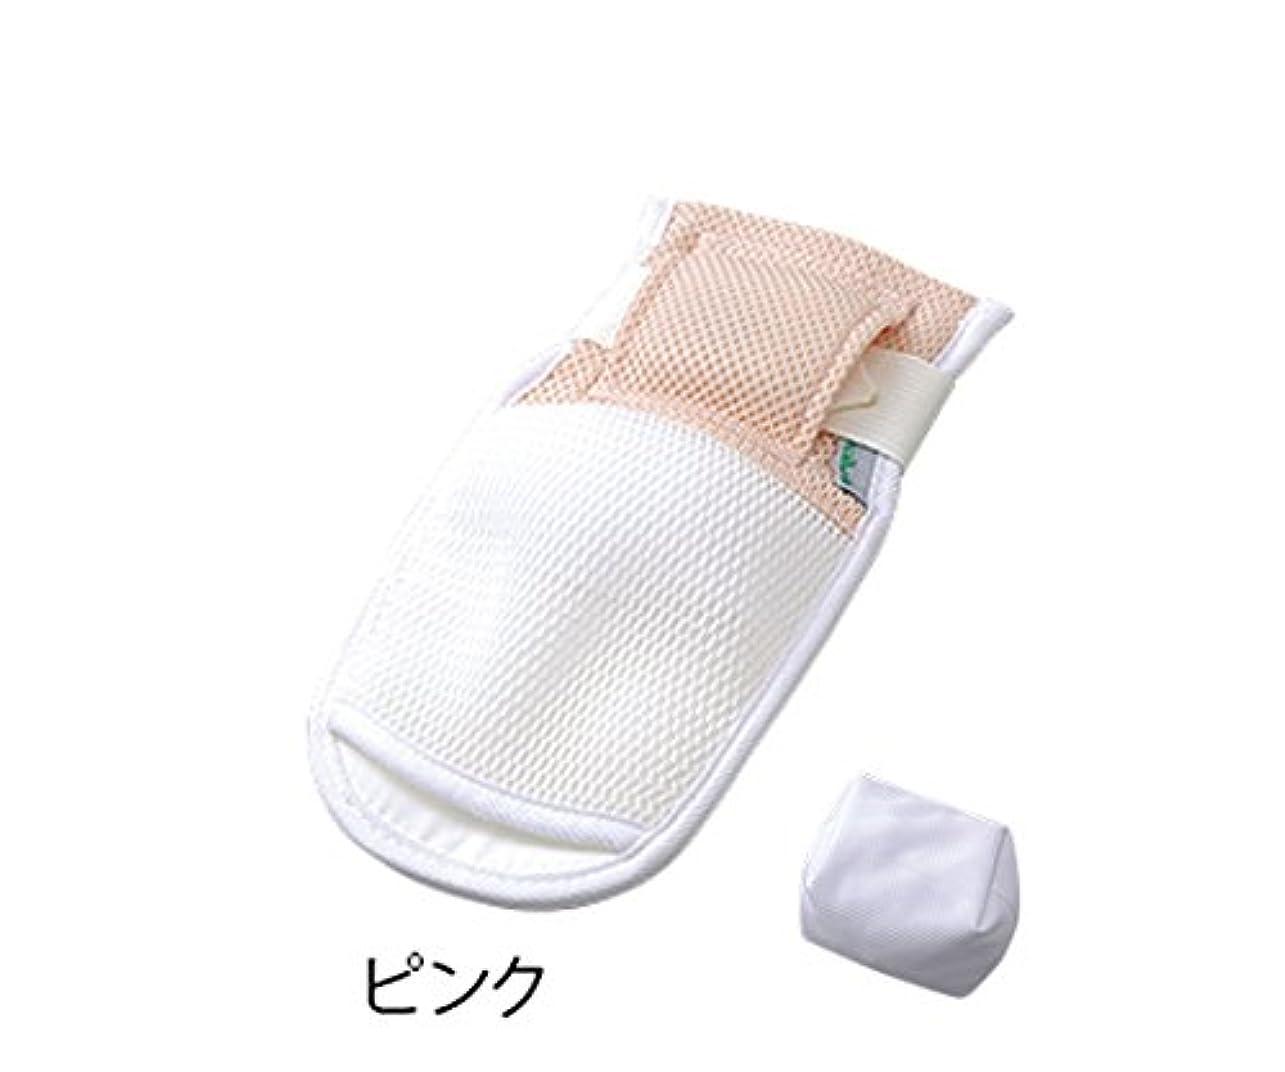 指令添付再発するナビス(アズワン)8-2153-05抜管防止手袋TMT-SPPピンク295×145mm